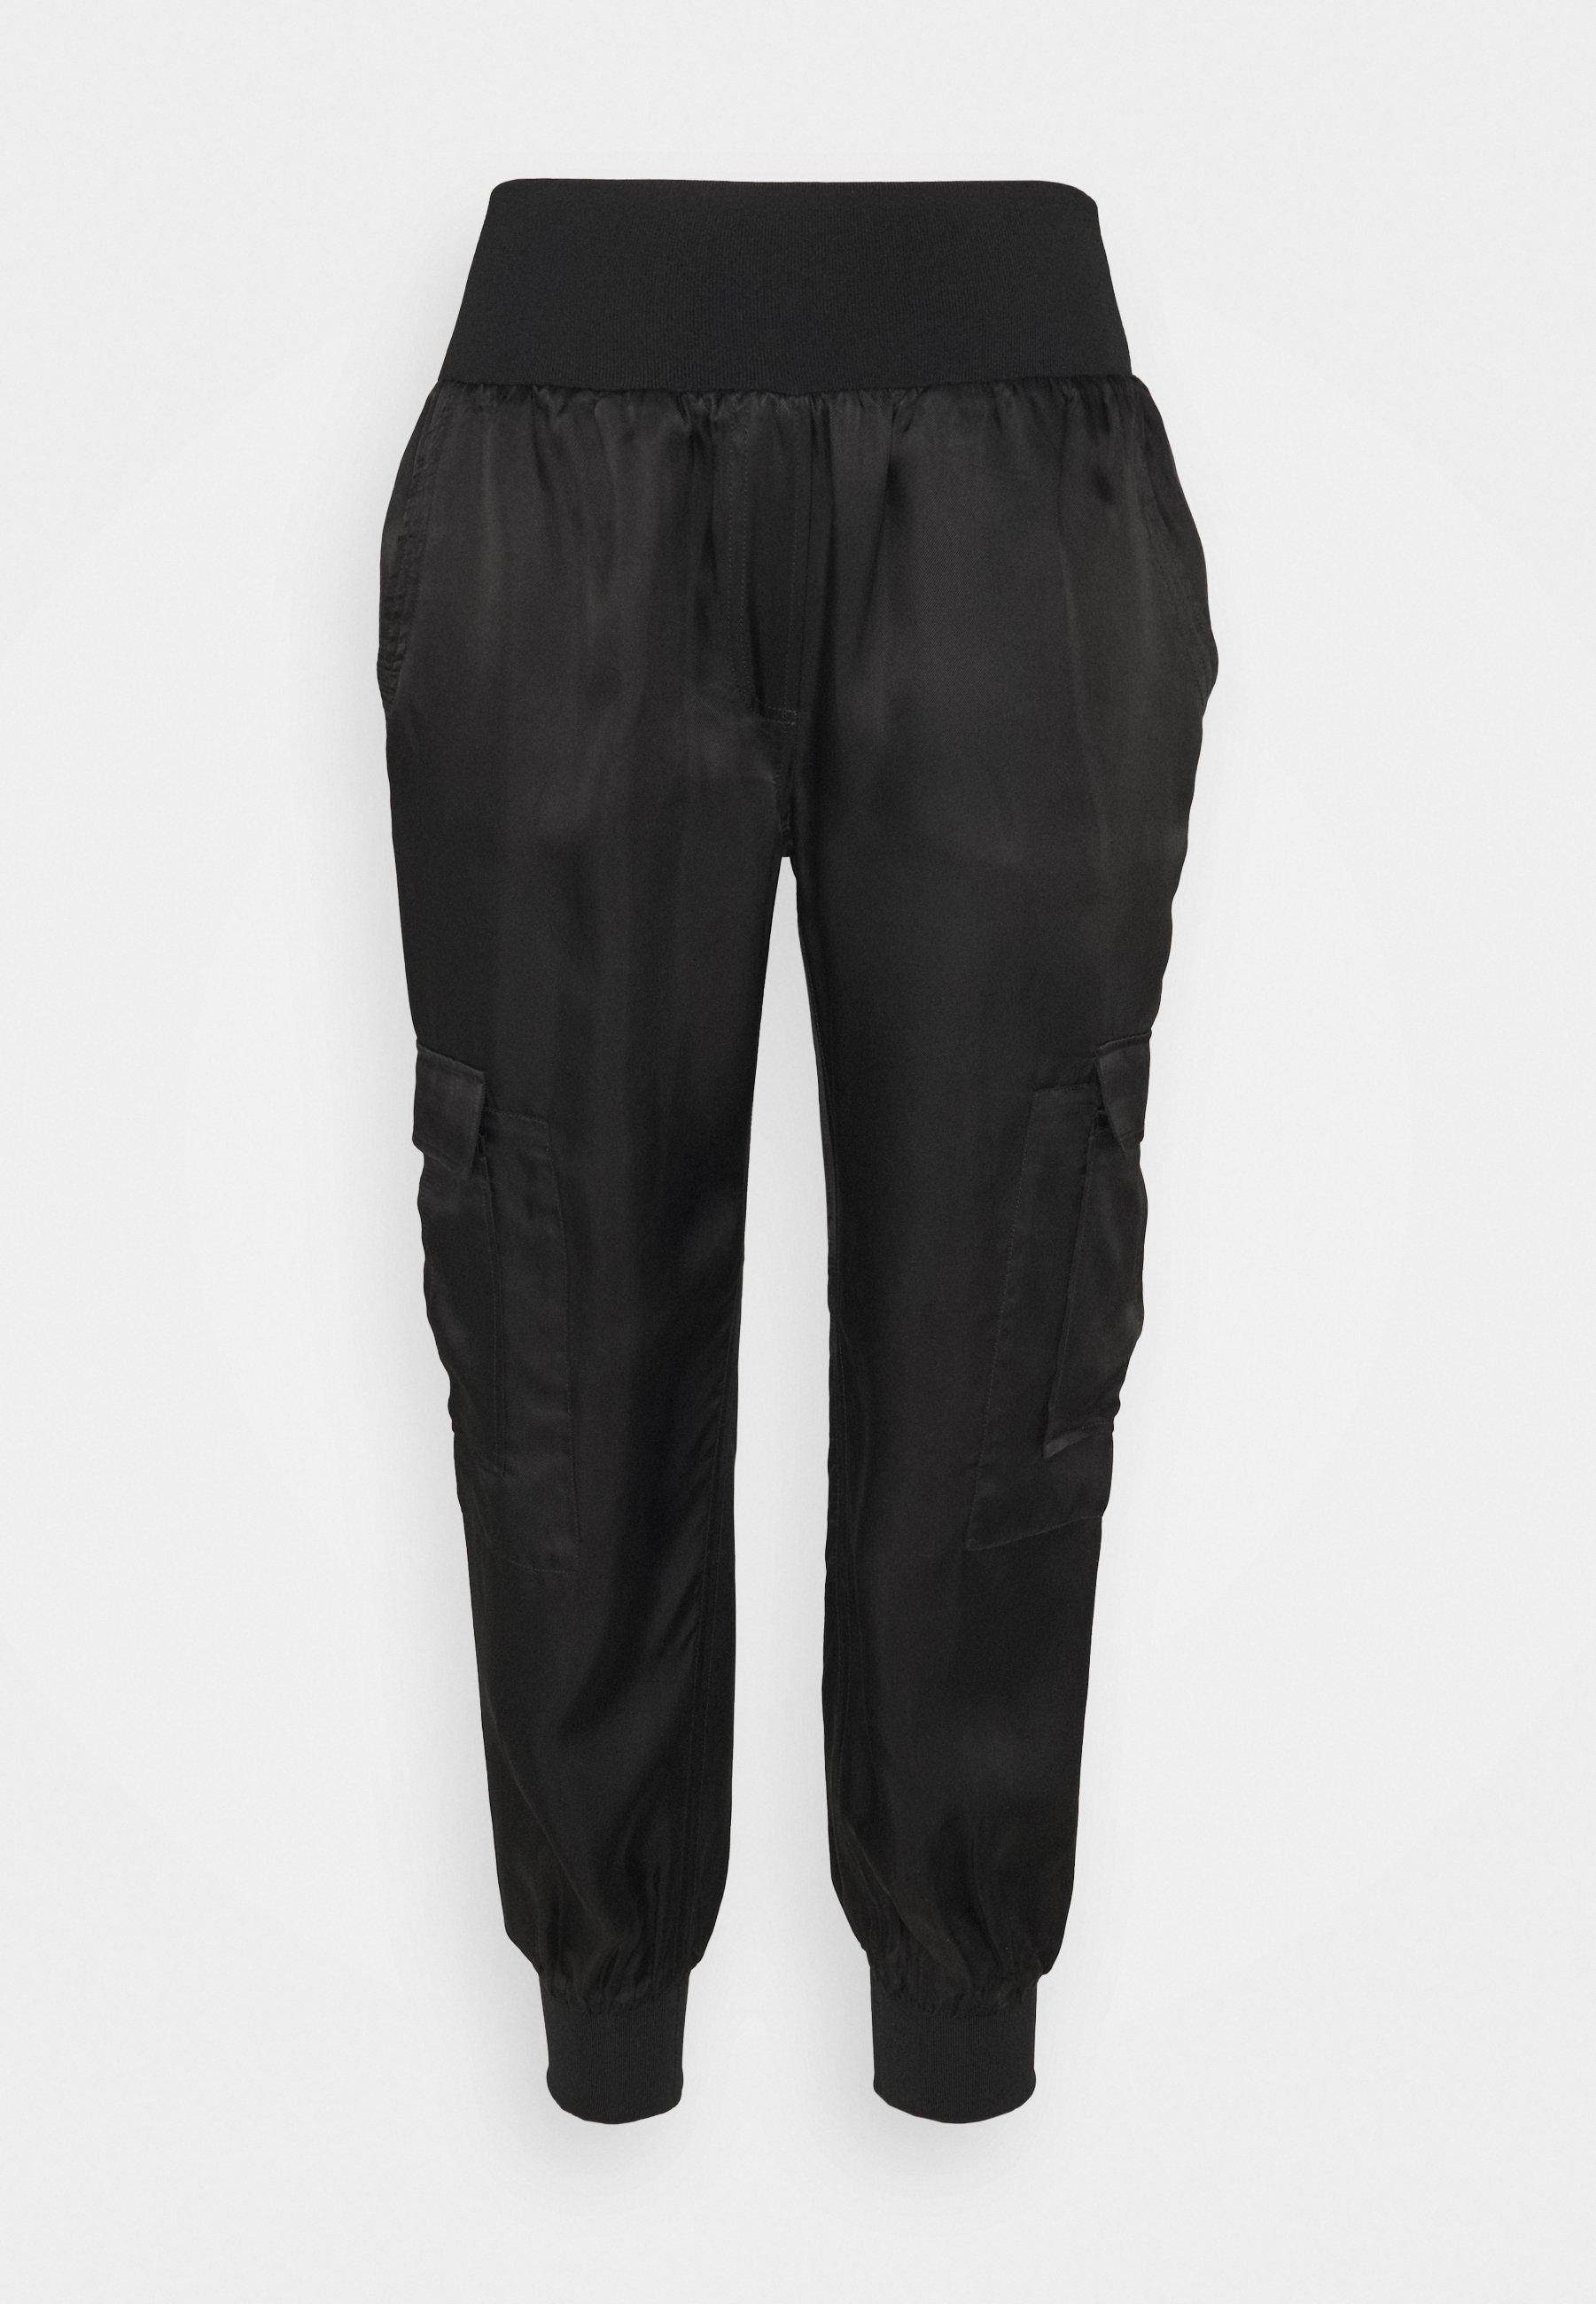 Femme GILES PANTS - Pantalon classique